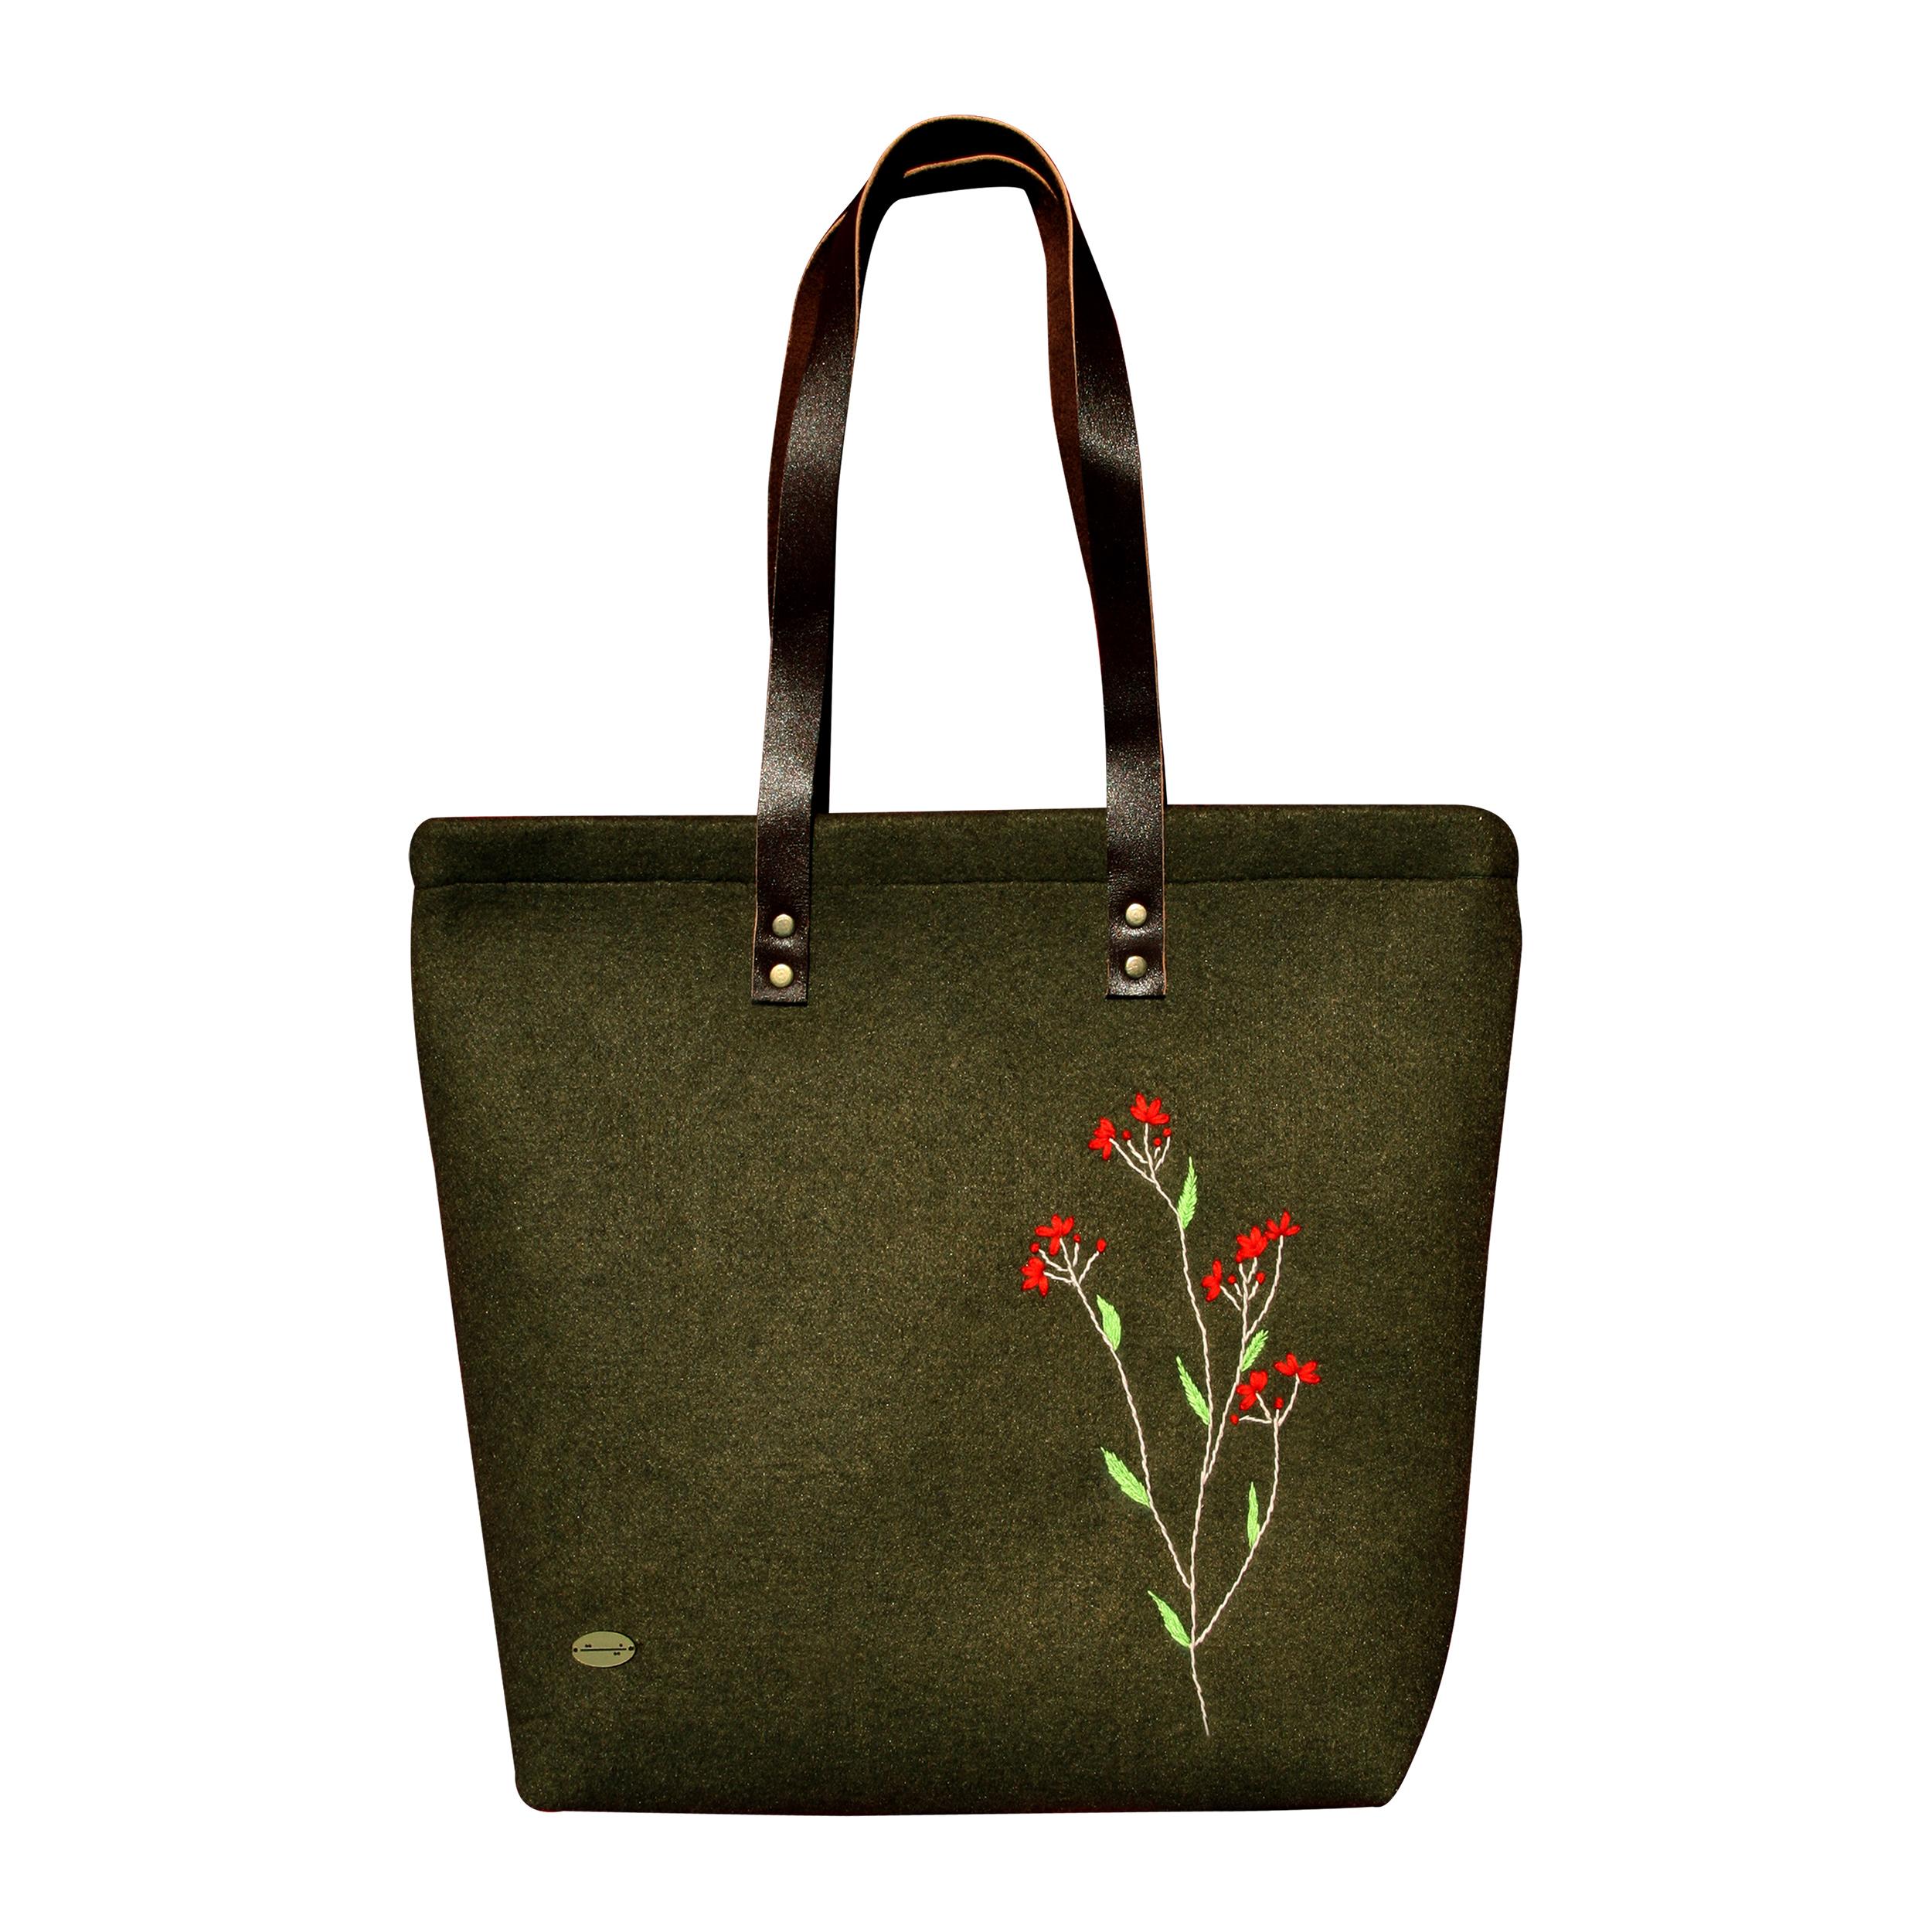 کیف دوشی زنانه نیست کد 003